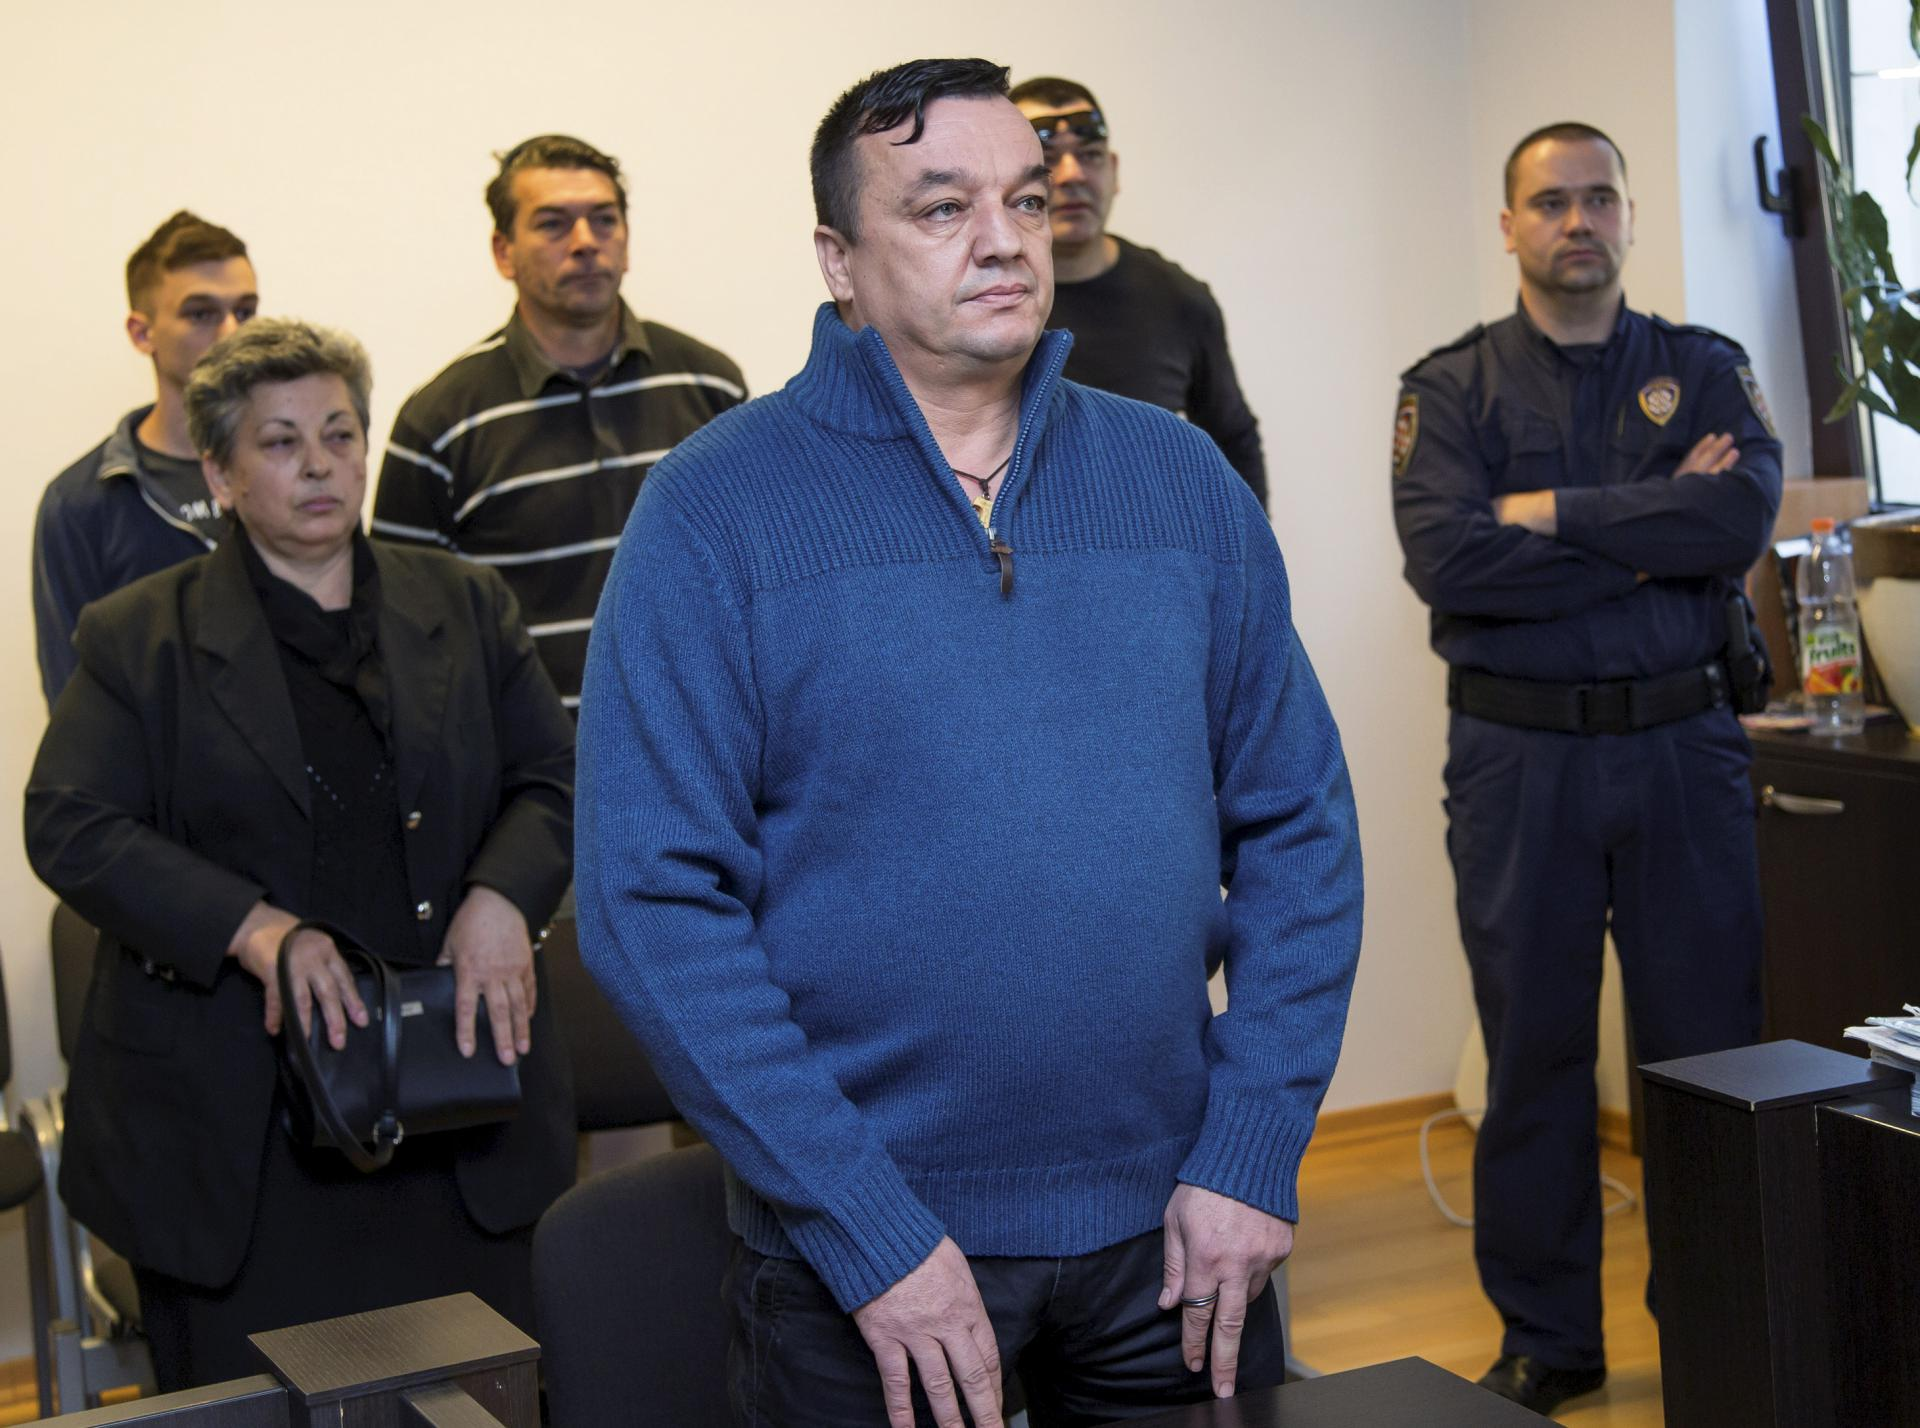 Ivica Mršić Božinović (54) osuđen je nepravomoćno na godinu i pol dana zatvora zbog nanošenja teške tjelesne ozljede sa smrtnom posljedicom